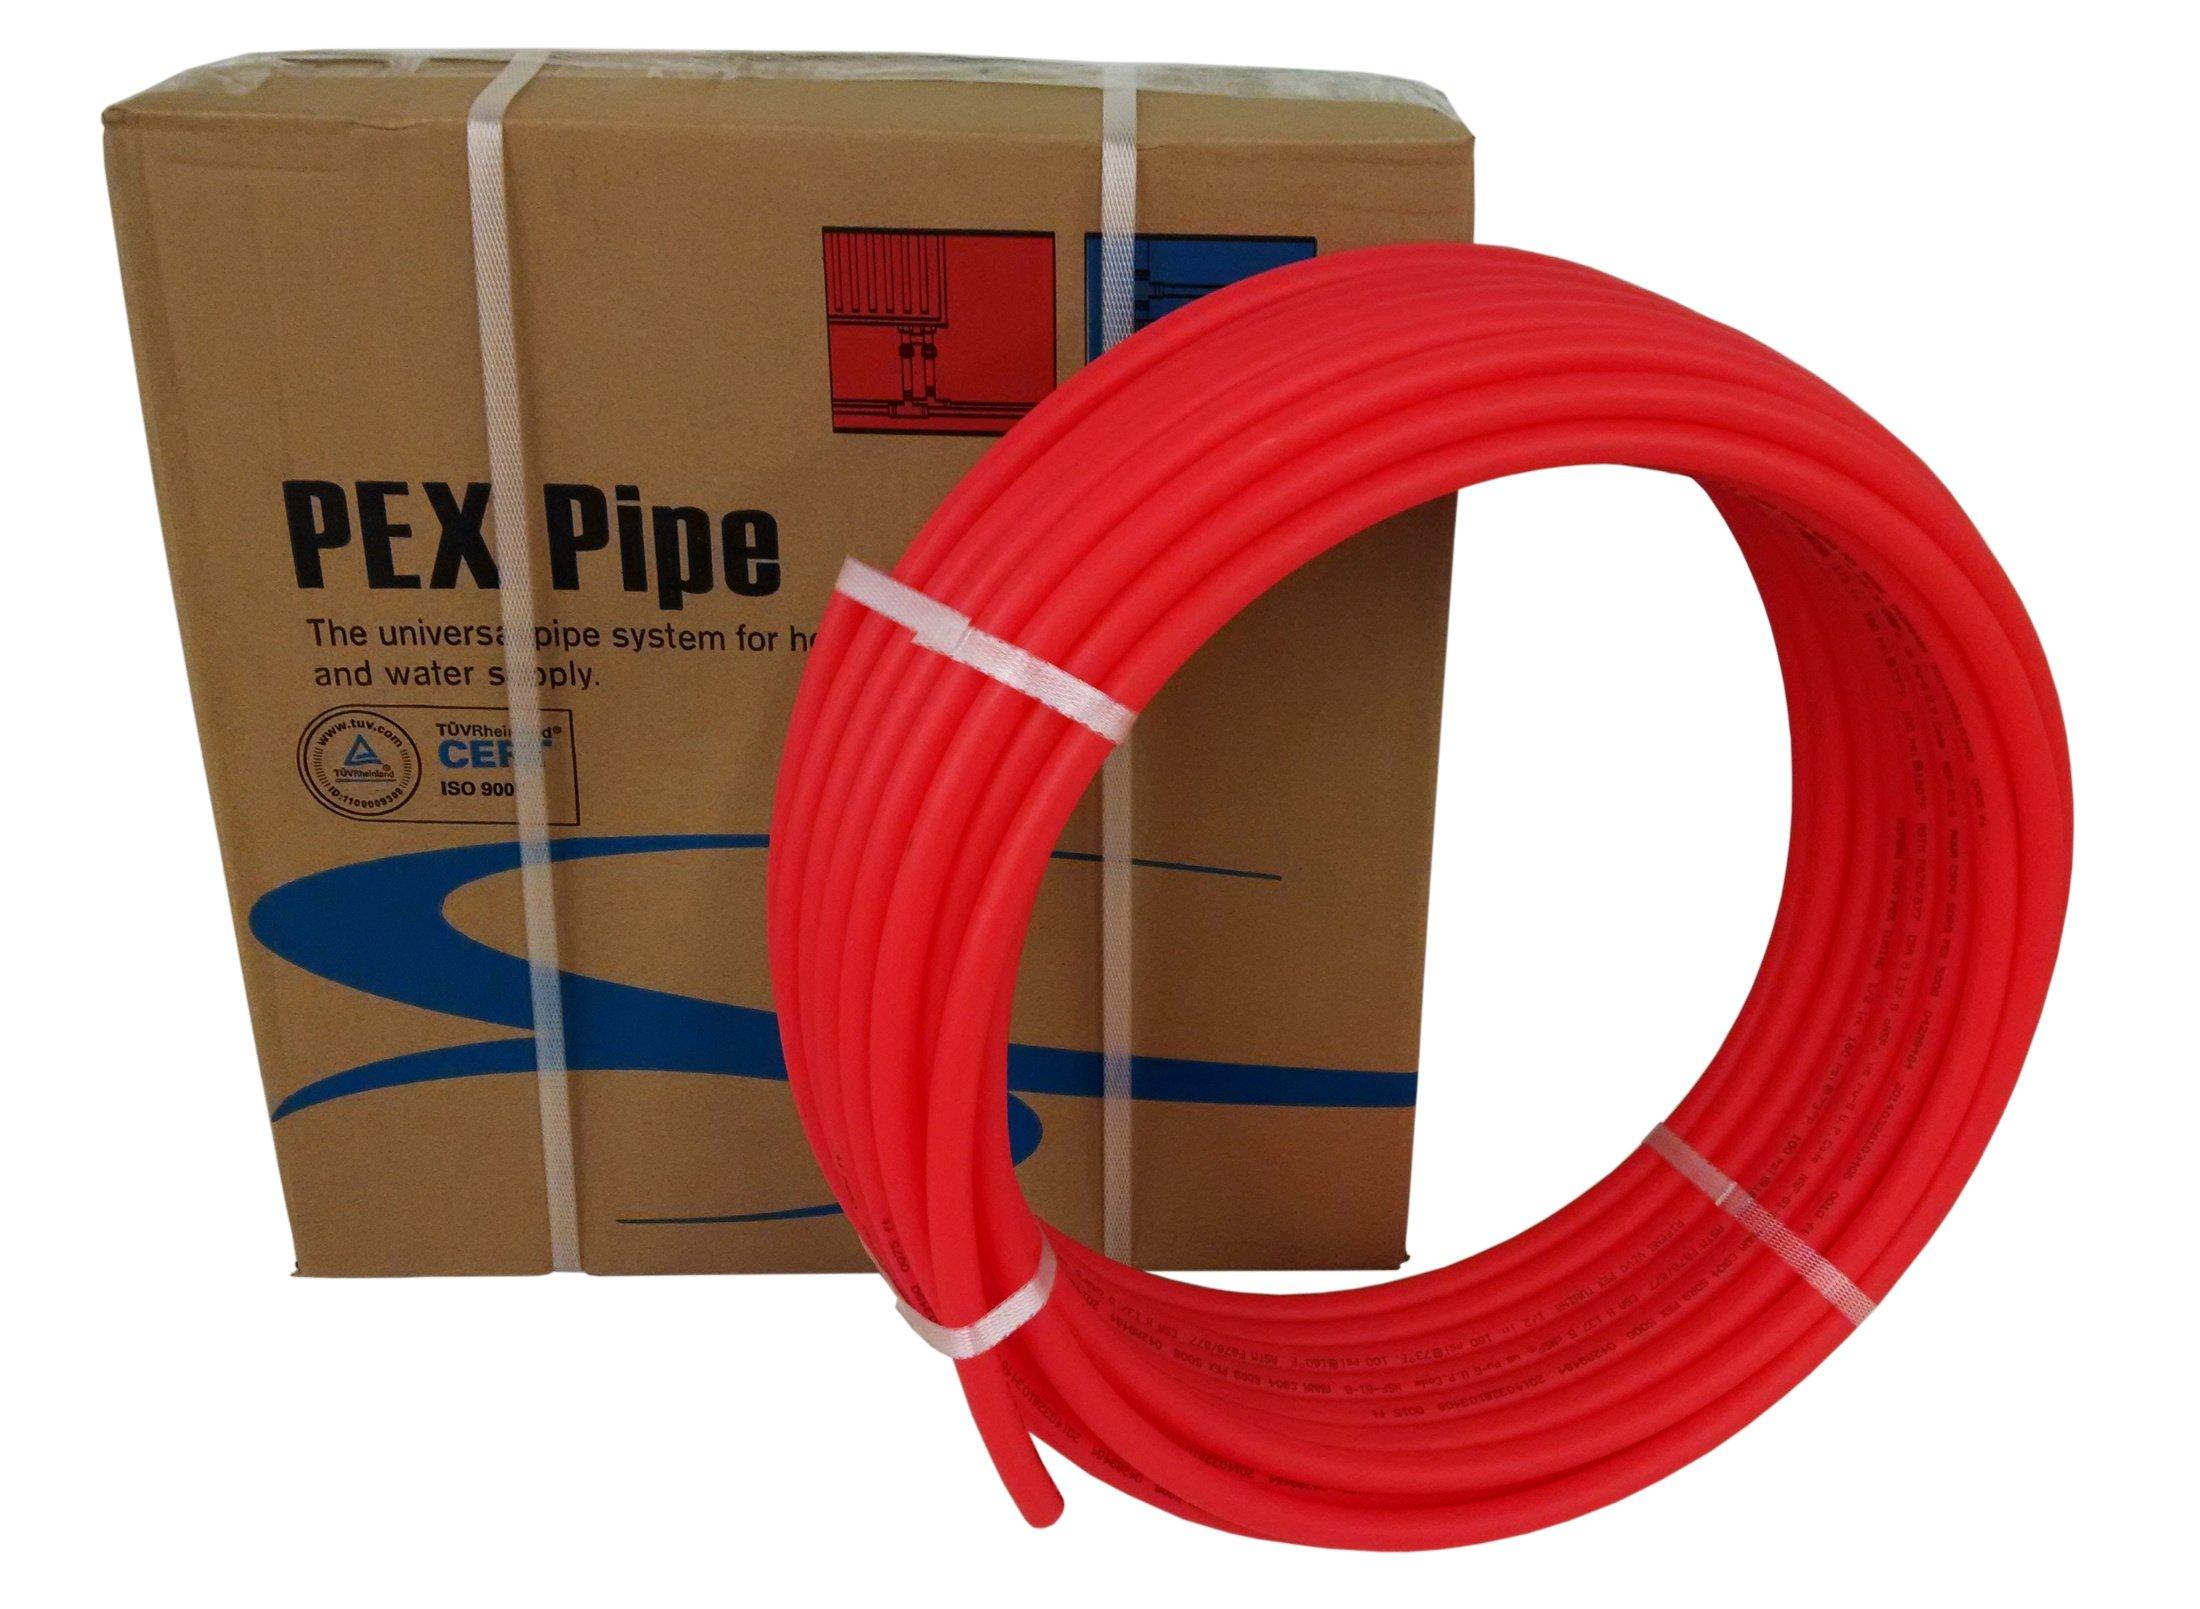 VIVO 1 inch x 100 feet Red Pex Tubing, Pipe Pex-B 1 inch 100 feet Potable Water NonBarrier (PEX-1-R010) by VIVO